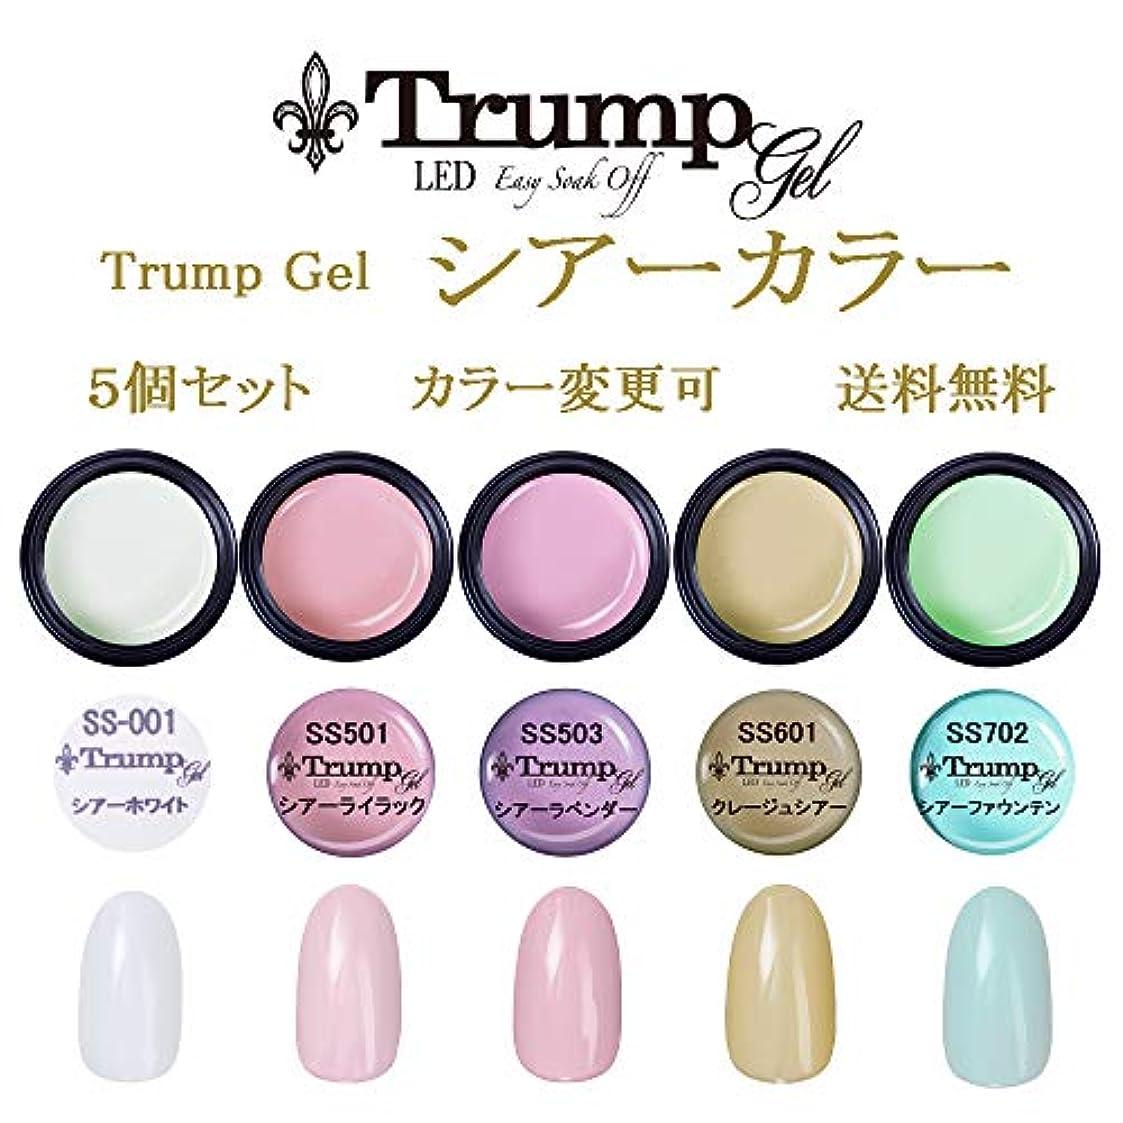 意見アルネ深さ日本製 Trump gel トランプジェル シアー カラージェル 選べる 5個セット ホワイト ピンク パープル イエロー ブルー